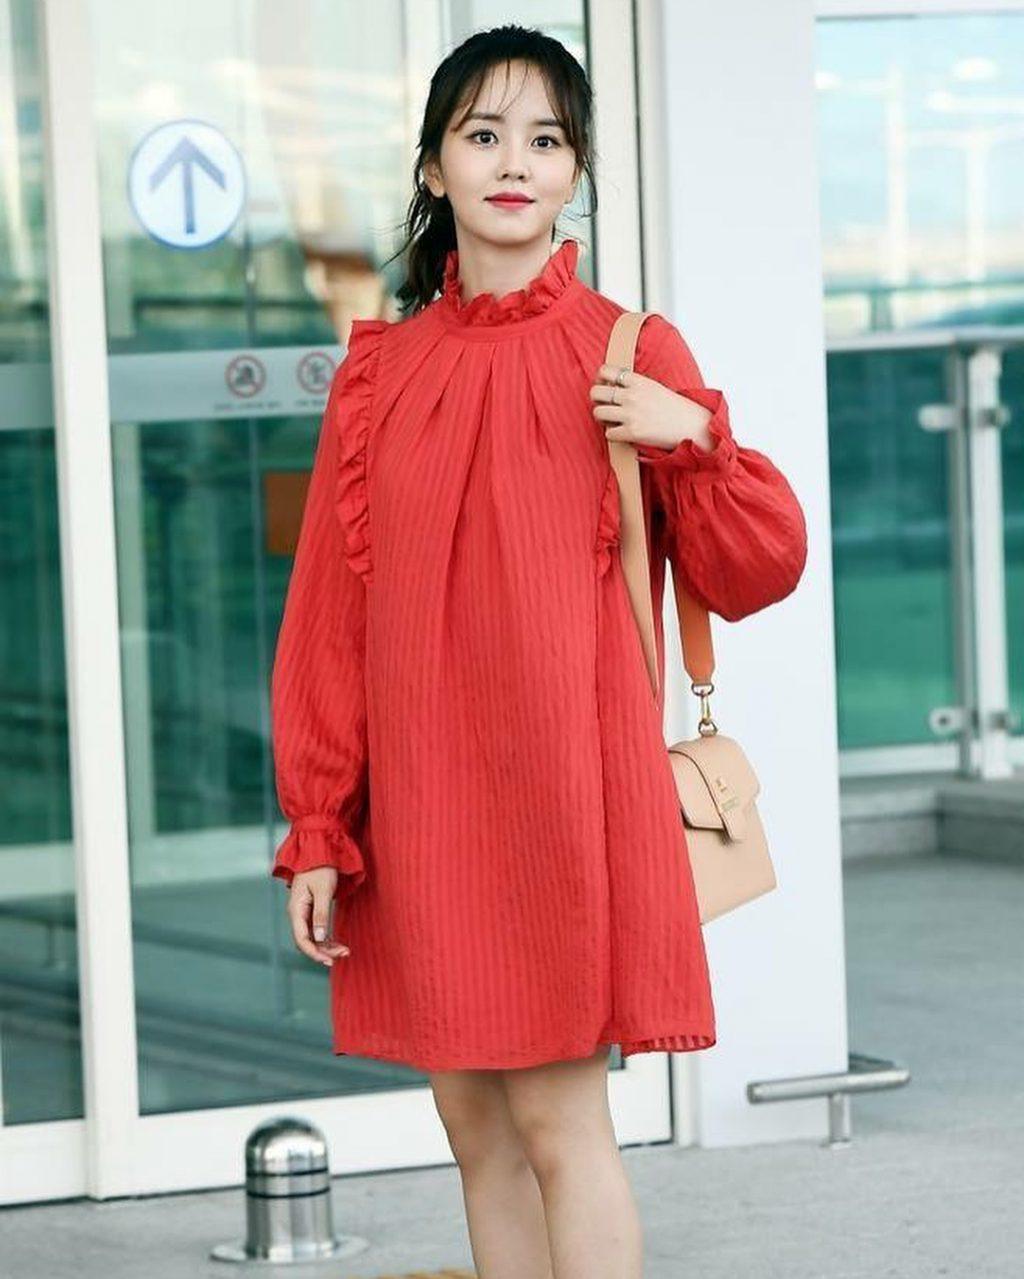 phong cách thời trang của Kim So Hyun 122